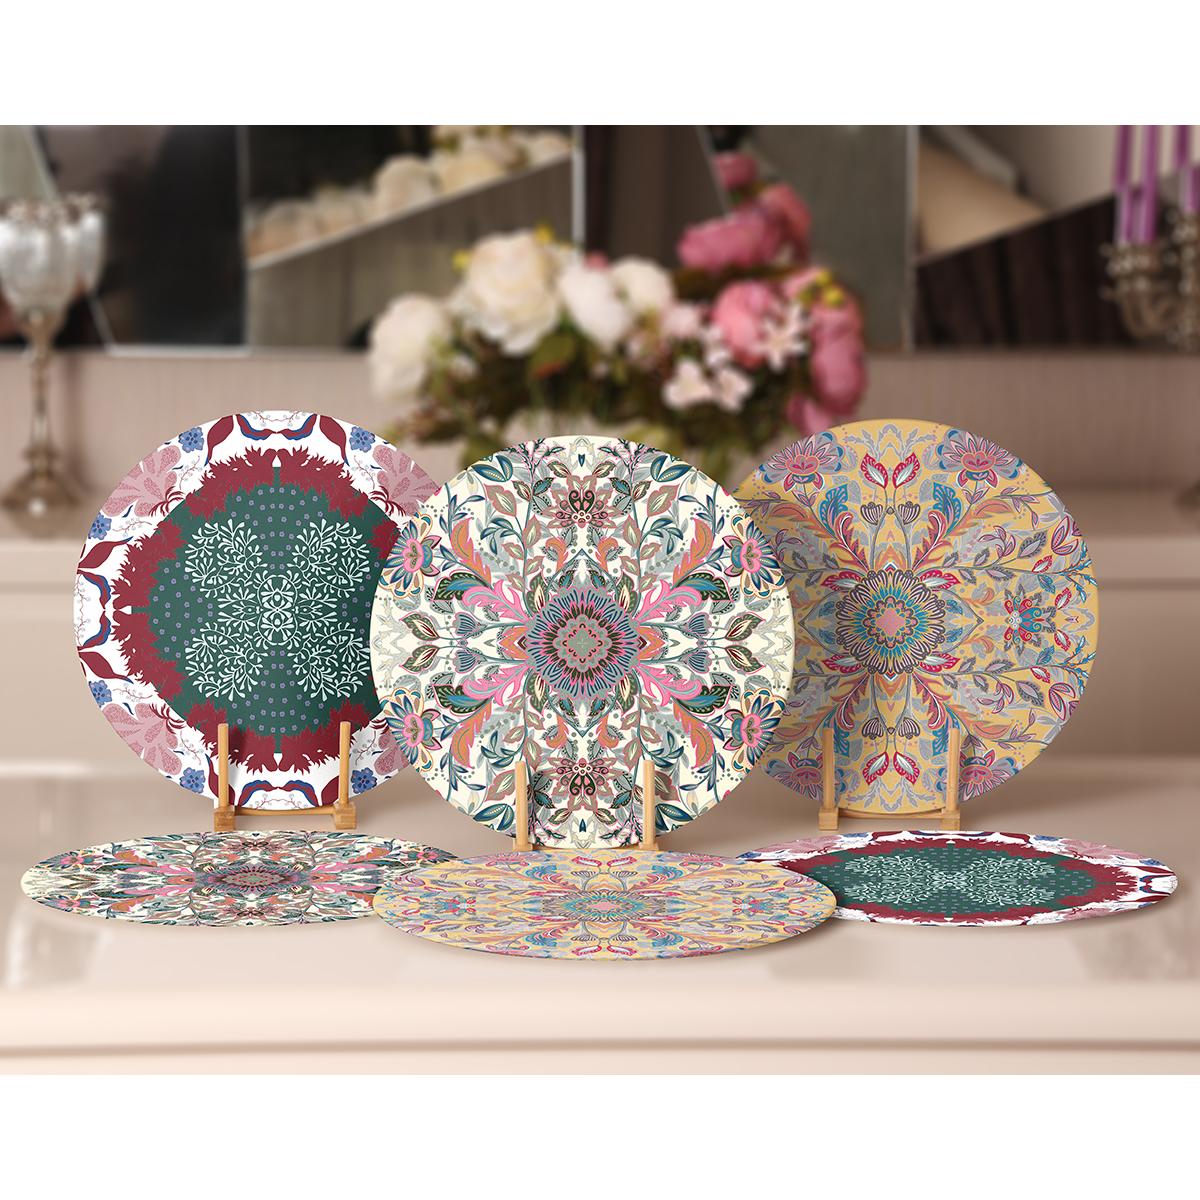 6'lı Çiçek Mandala Tasarımlı Servis Altlığı & Supla Realhomes